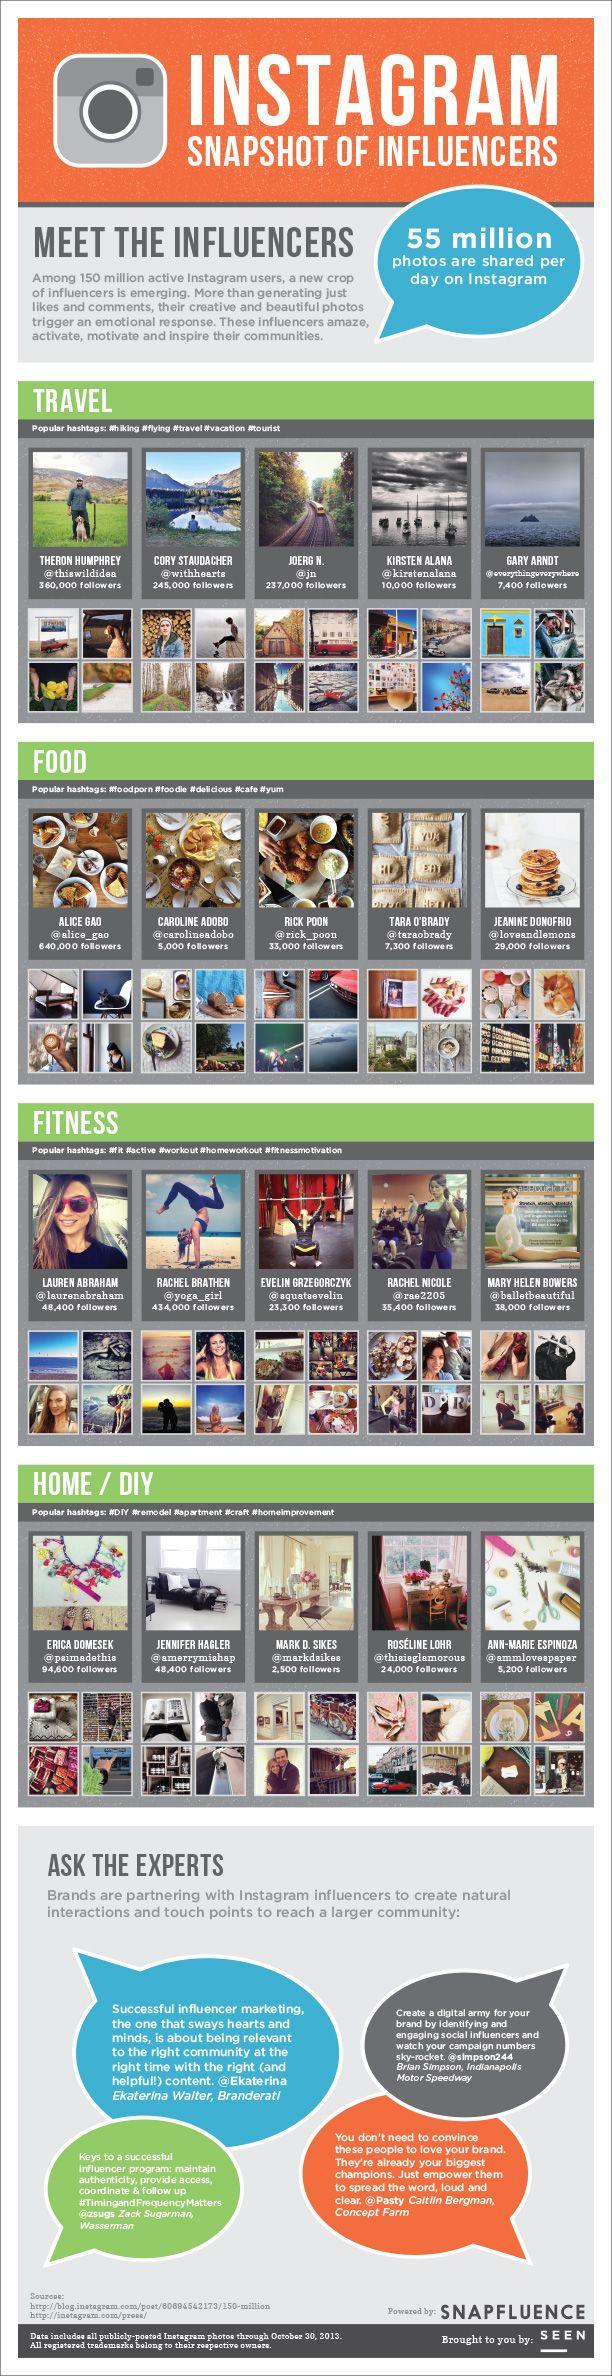 Instagram Snapshot Of #Influencers - Meet The Top Users [#infographic]  #Instagram